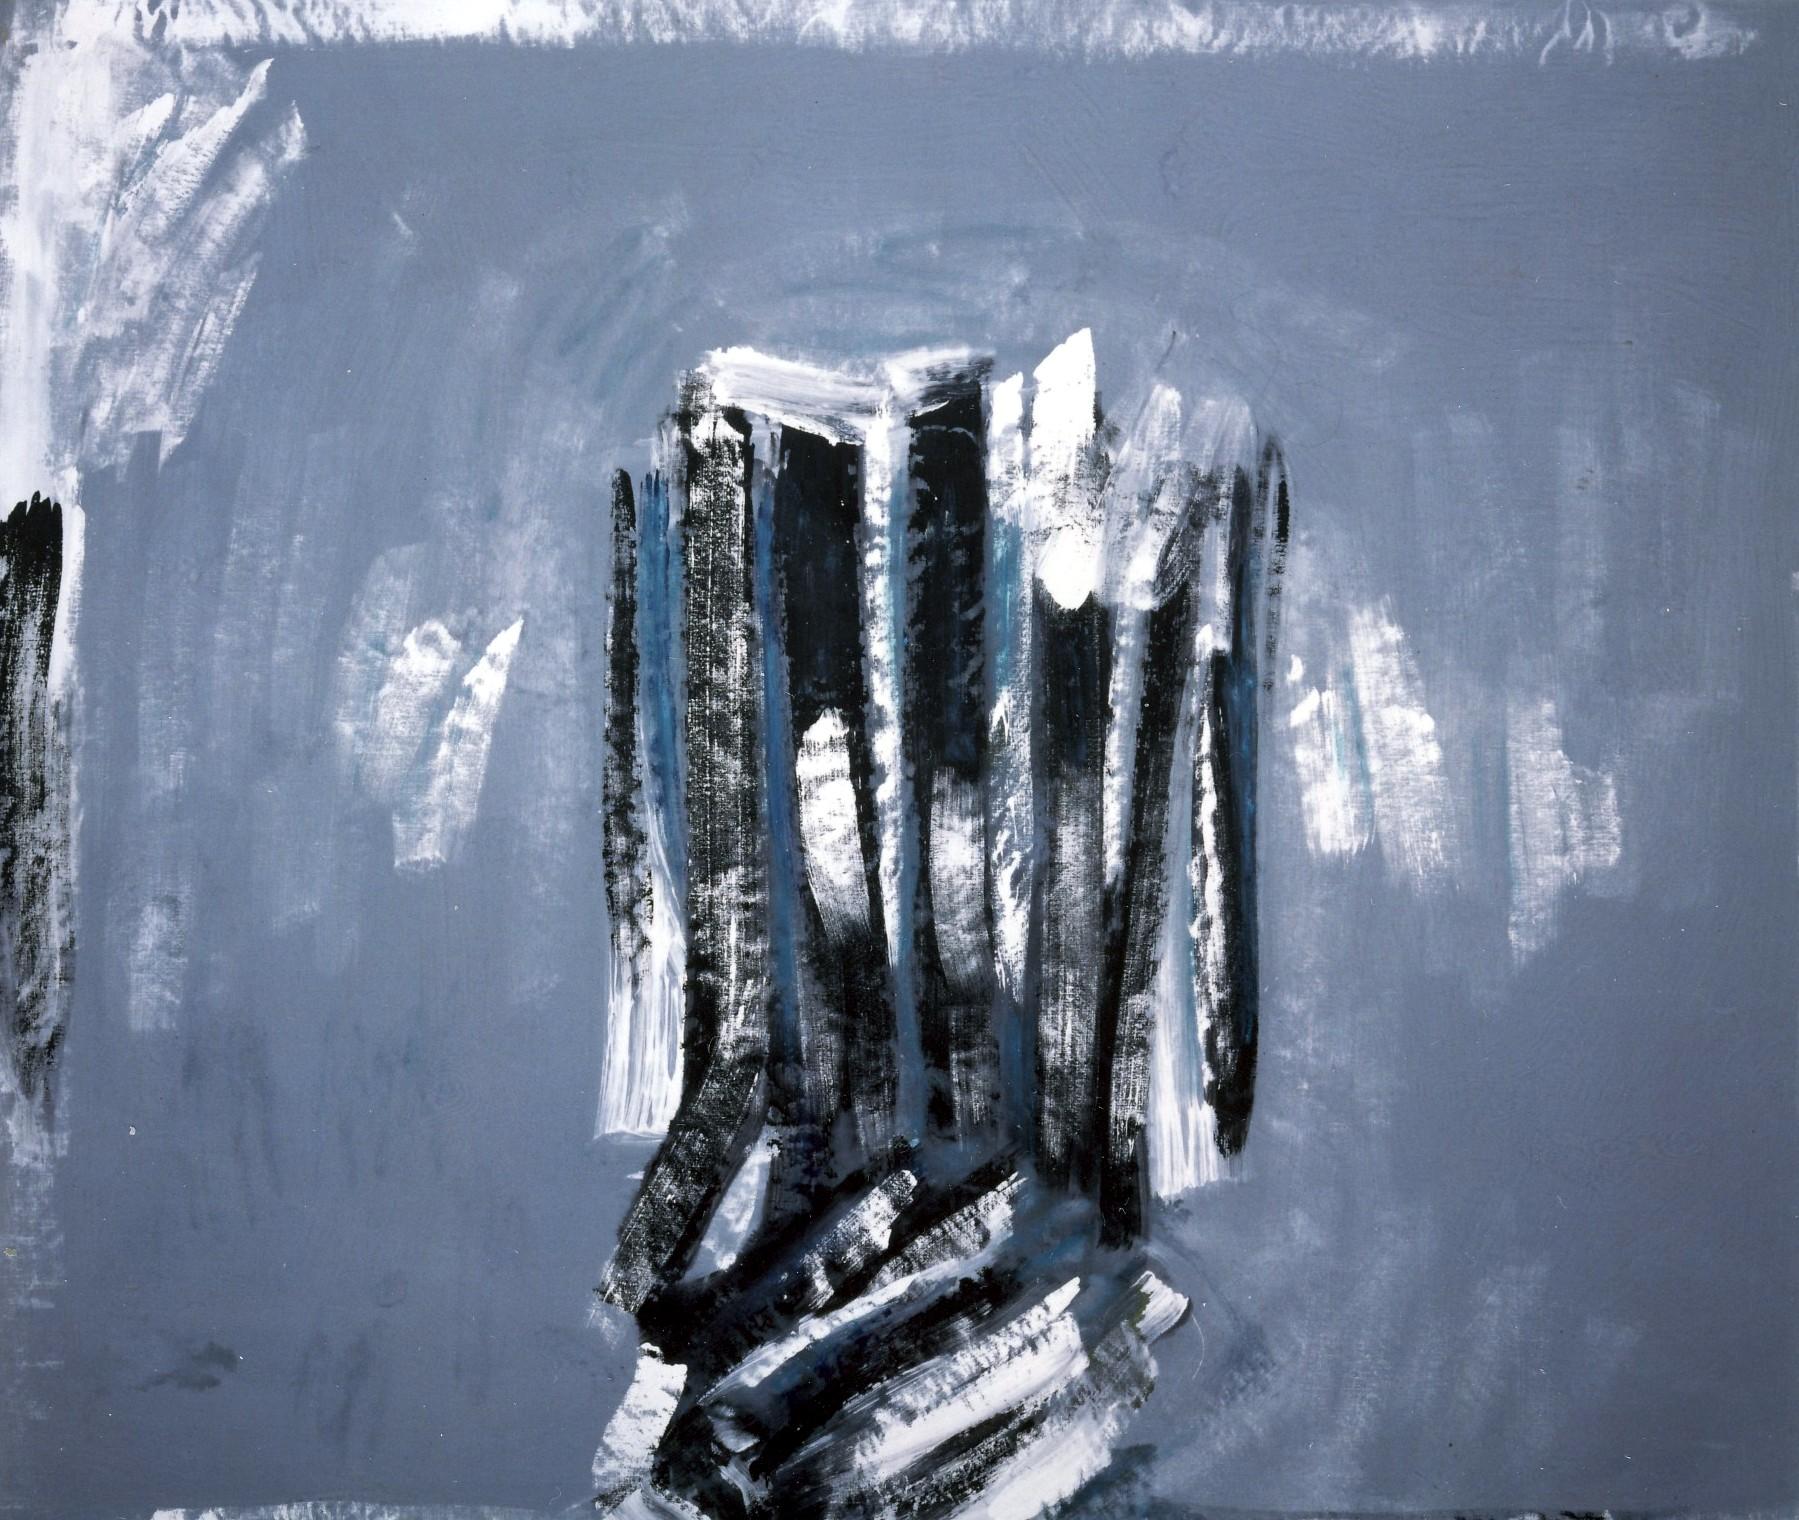 La scala dell'impossibile, 1991, tempera acrilica su tela, cm 198 x 236  La scala dell'impossibile, 1991, acrylic tempera on canvas, cm 198 x 236